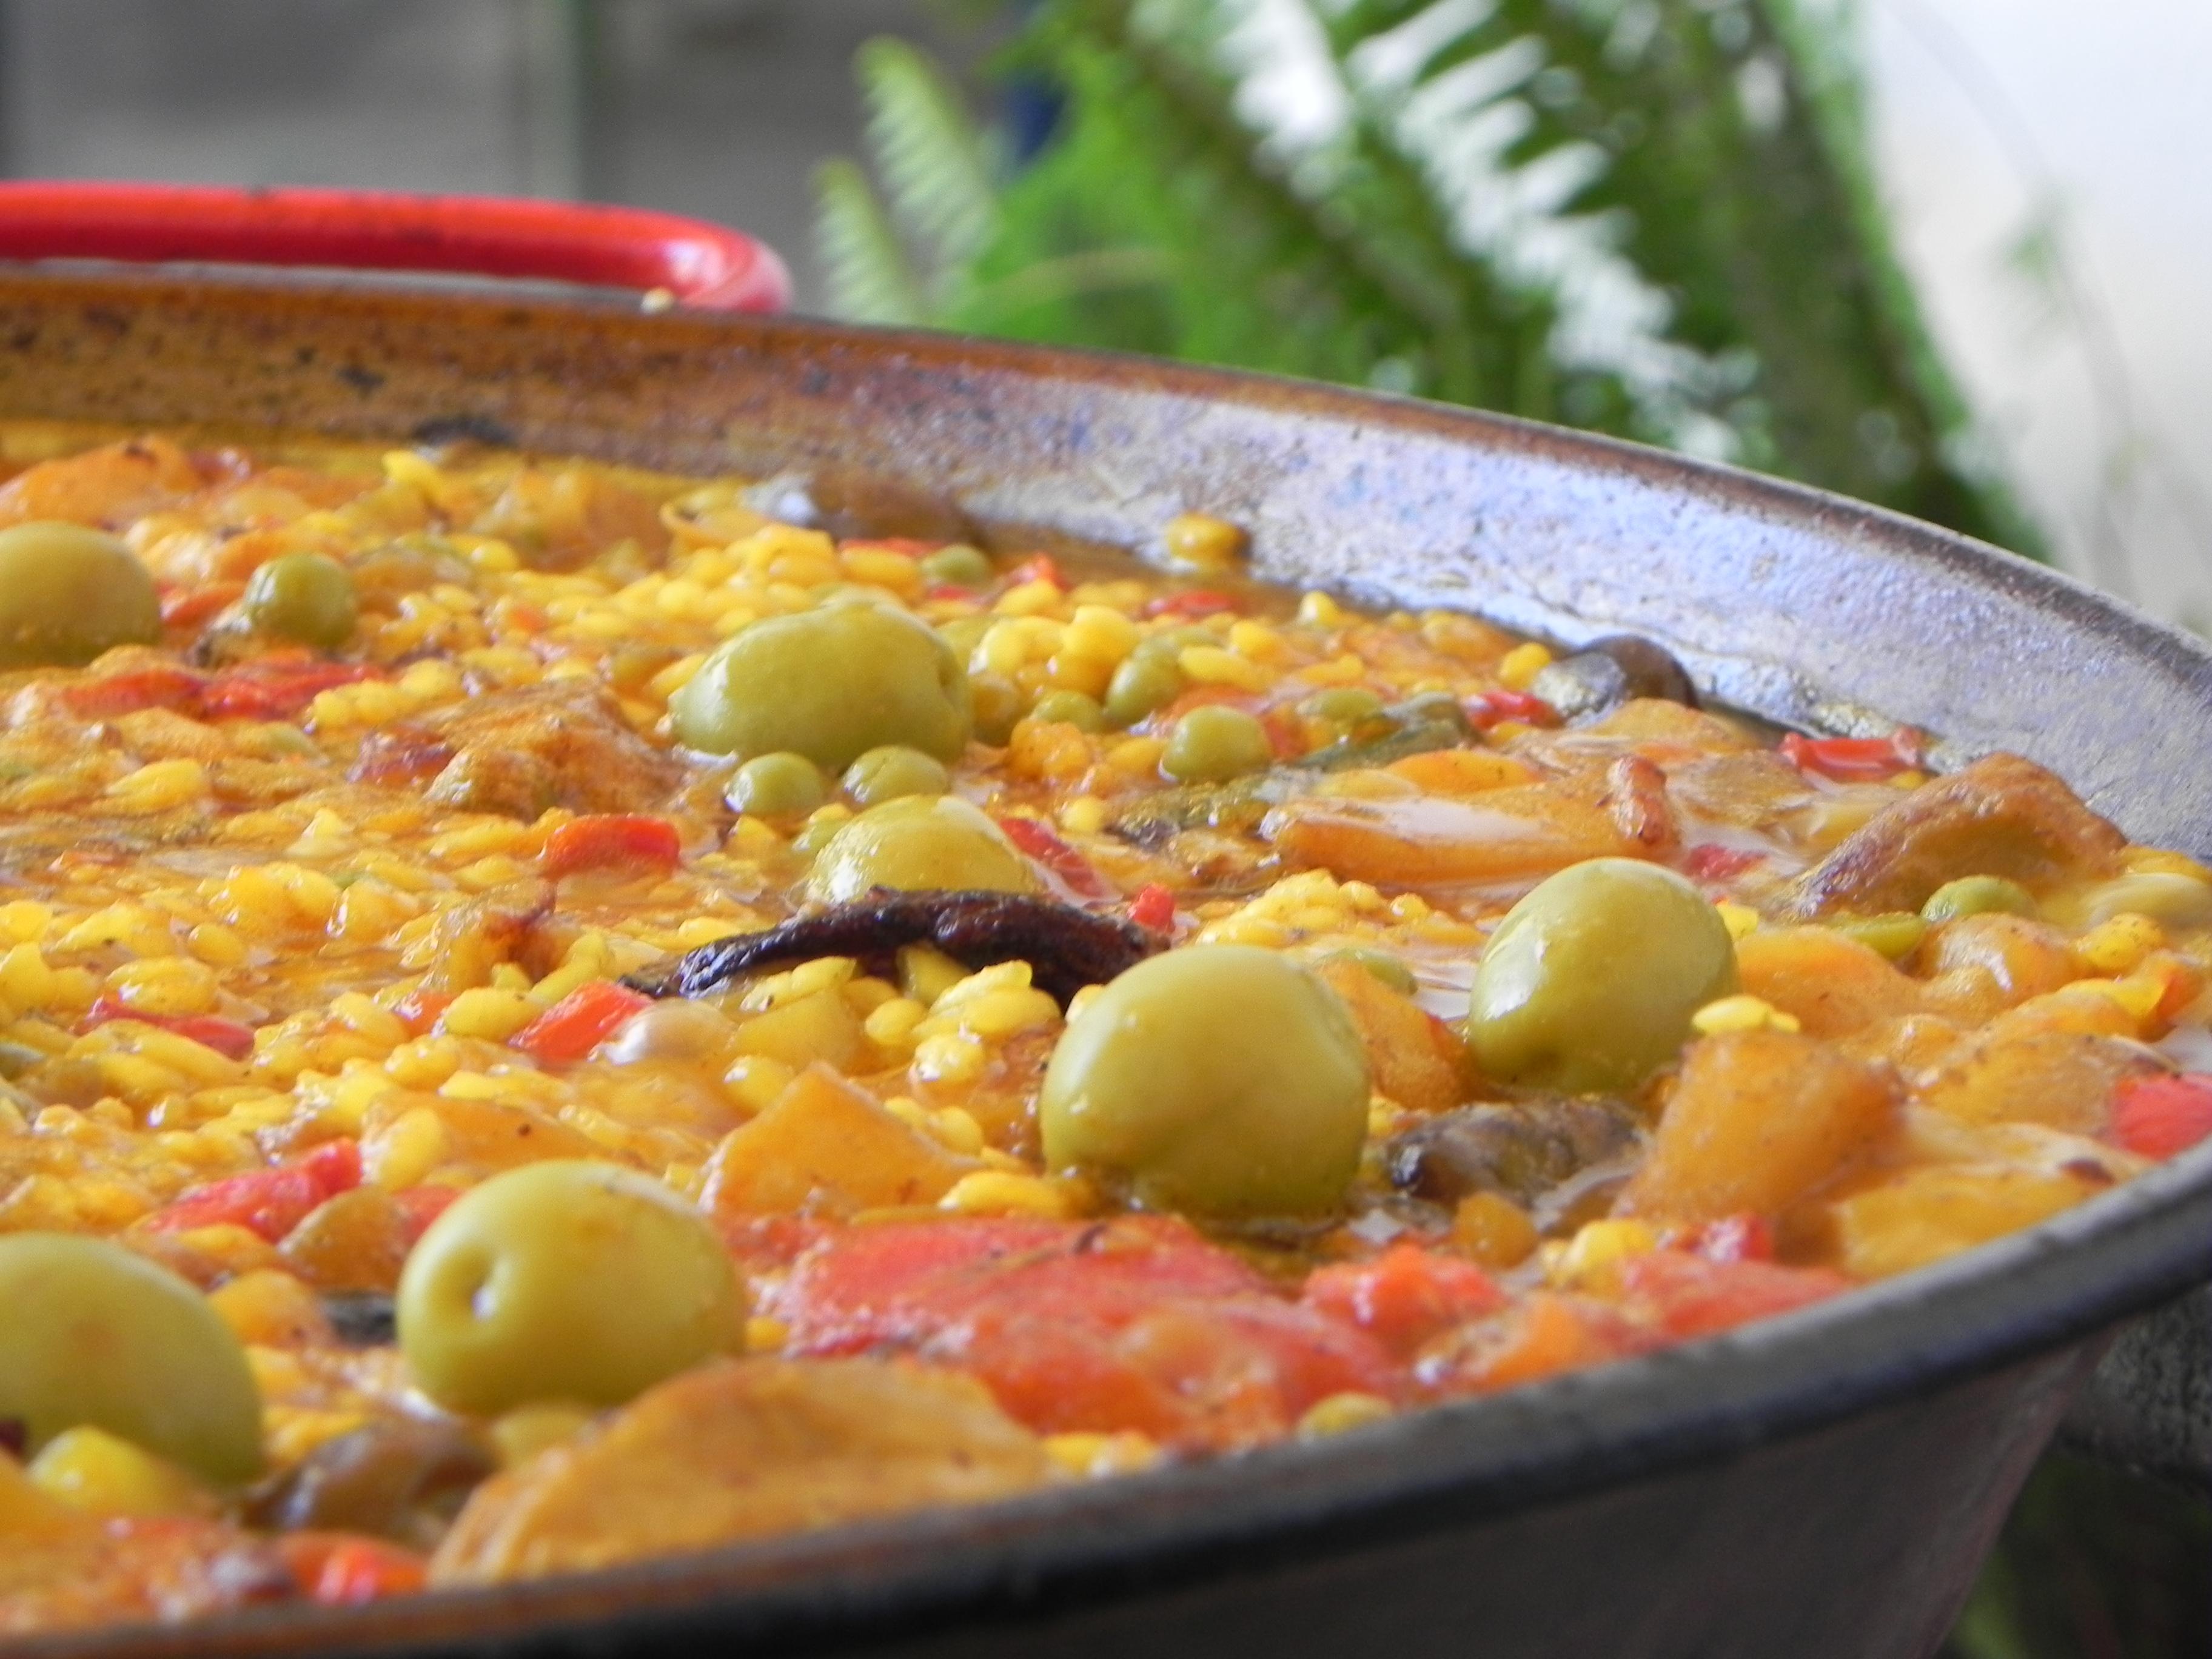 La recette de paella mixte a l 39 heure espagnole - Recettes cuisine alsacienne traditionnelle ...